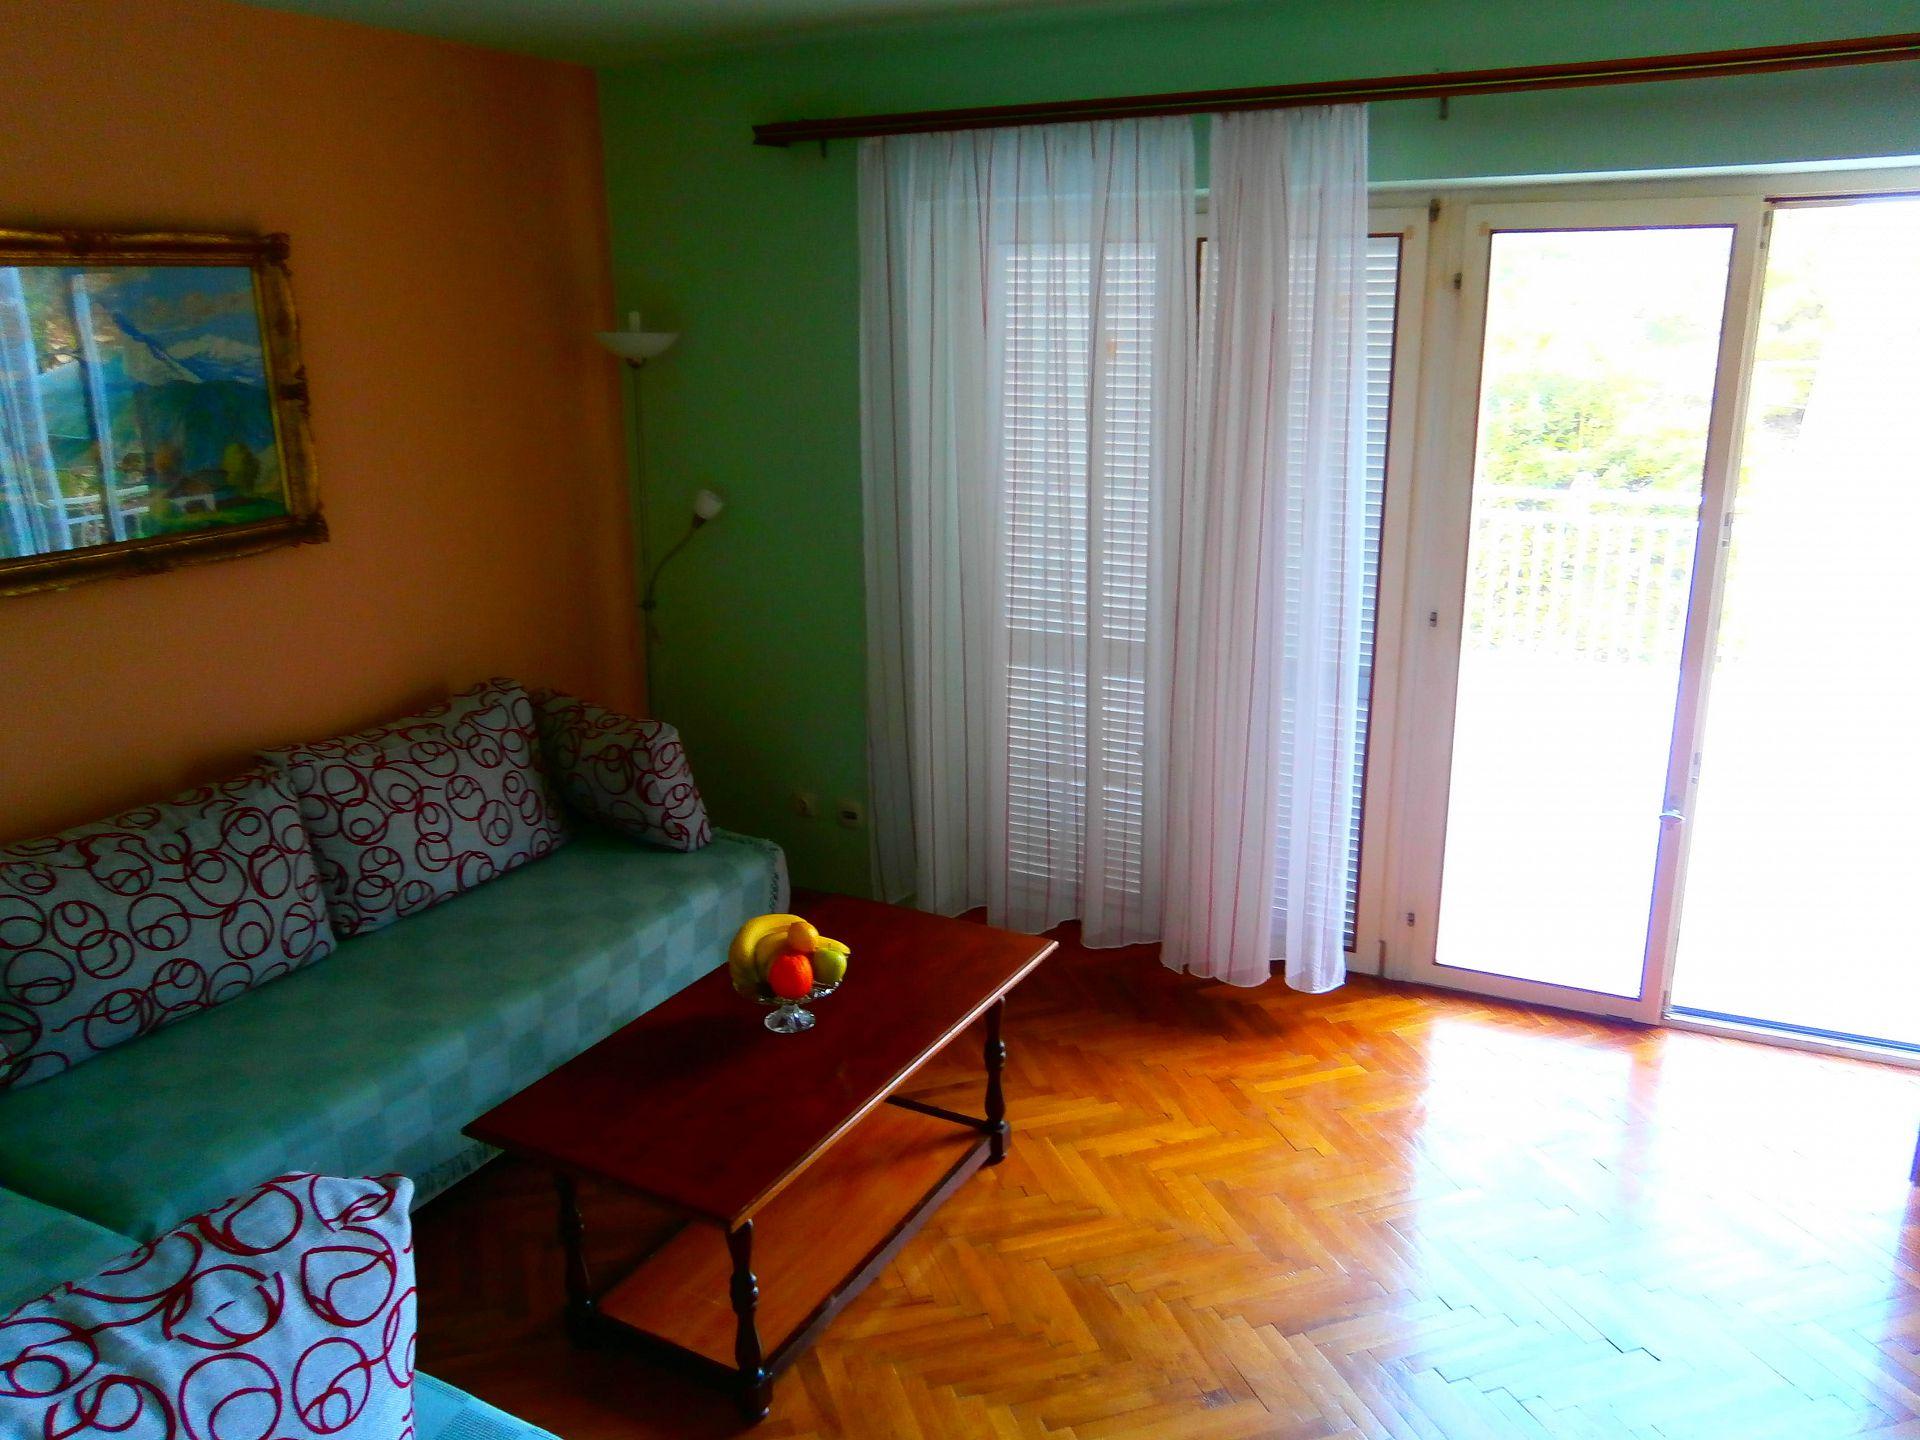 4981  - Jelsa - Appartementen Kroatië - A1(2+2): woonkamer